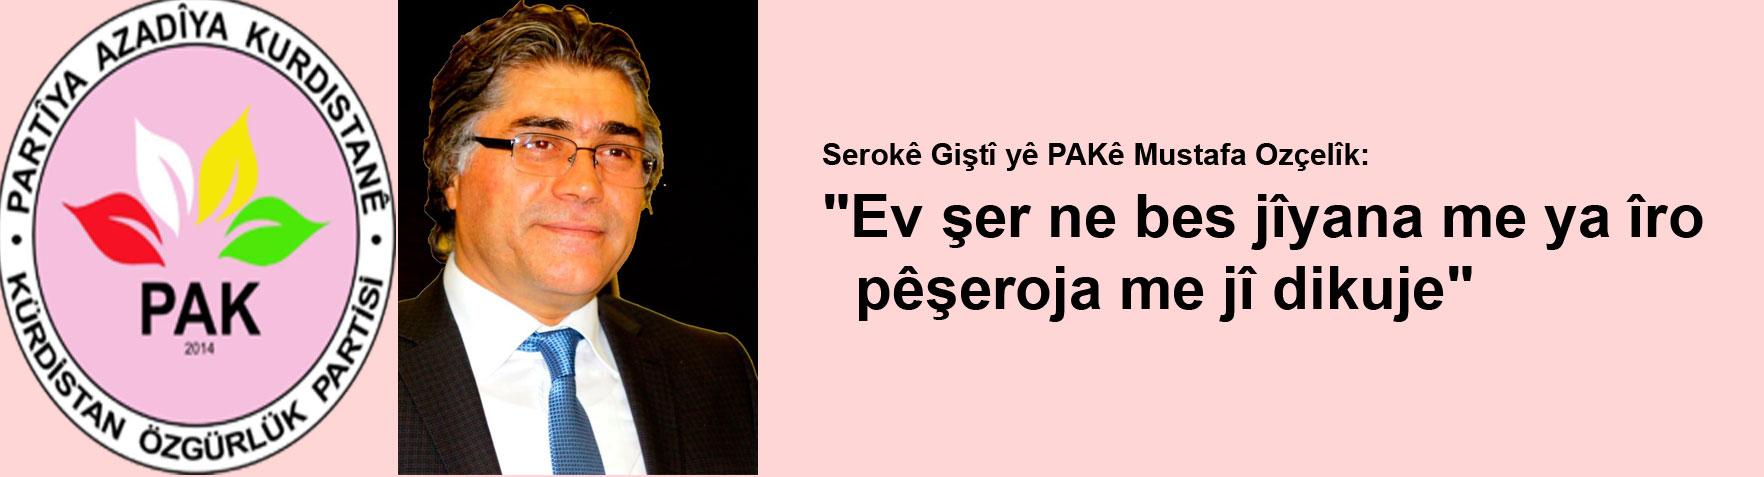 """""""Pirsa Kurd û Kurdistanê ne pirsa terorê yan jî ya aborîyê ye"""""""